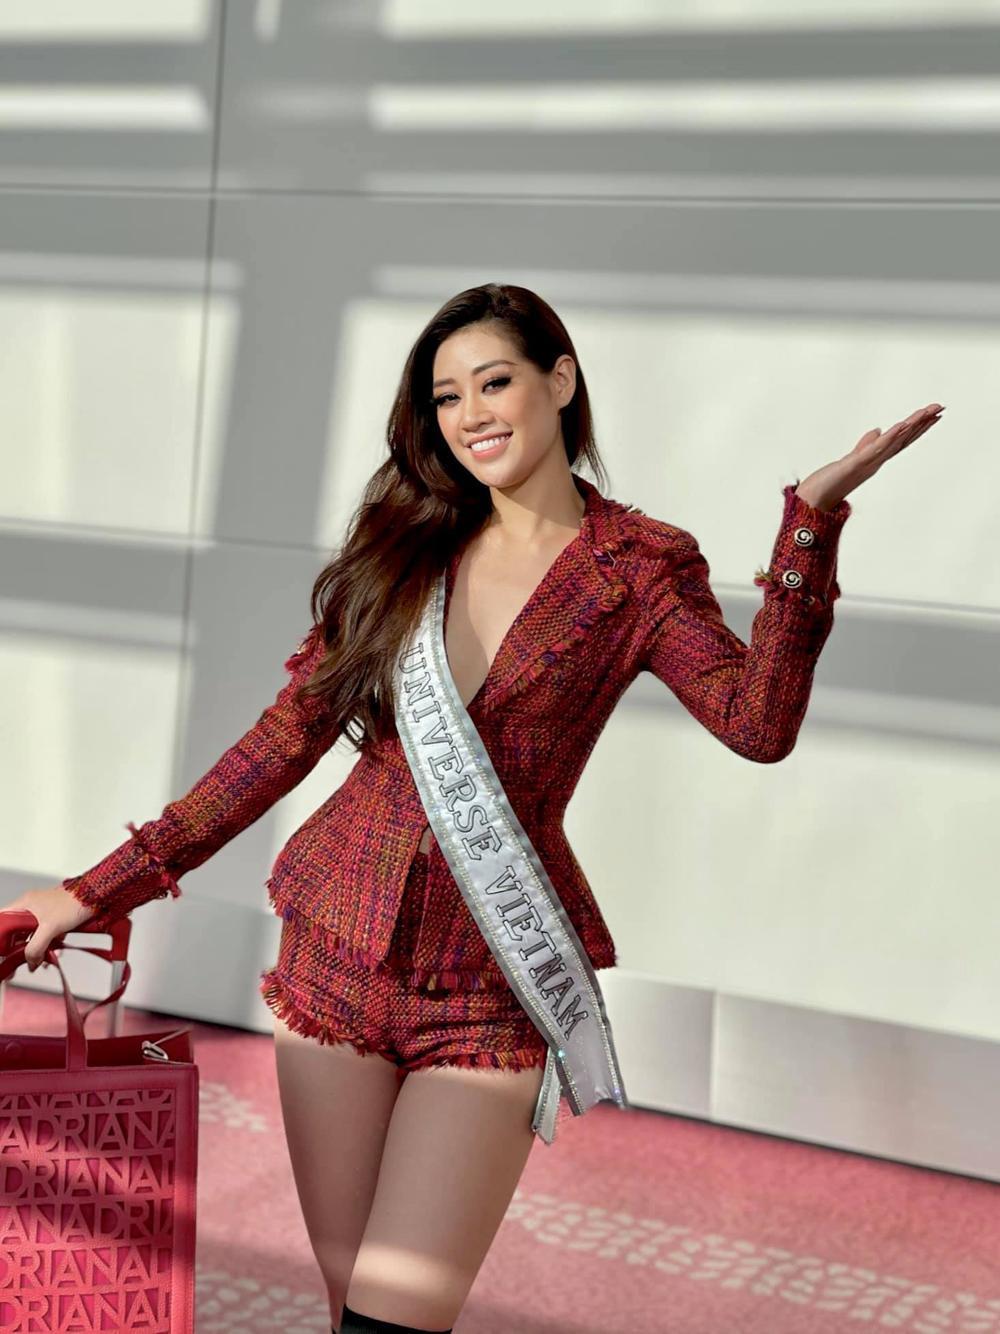 Đi ăn tối, Khánh Vân khiến fan lo lắng xuống phong độ khi mặc đầm tím 'sến' Ảnh 5